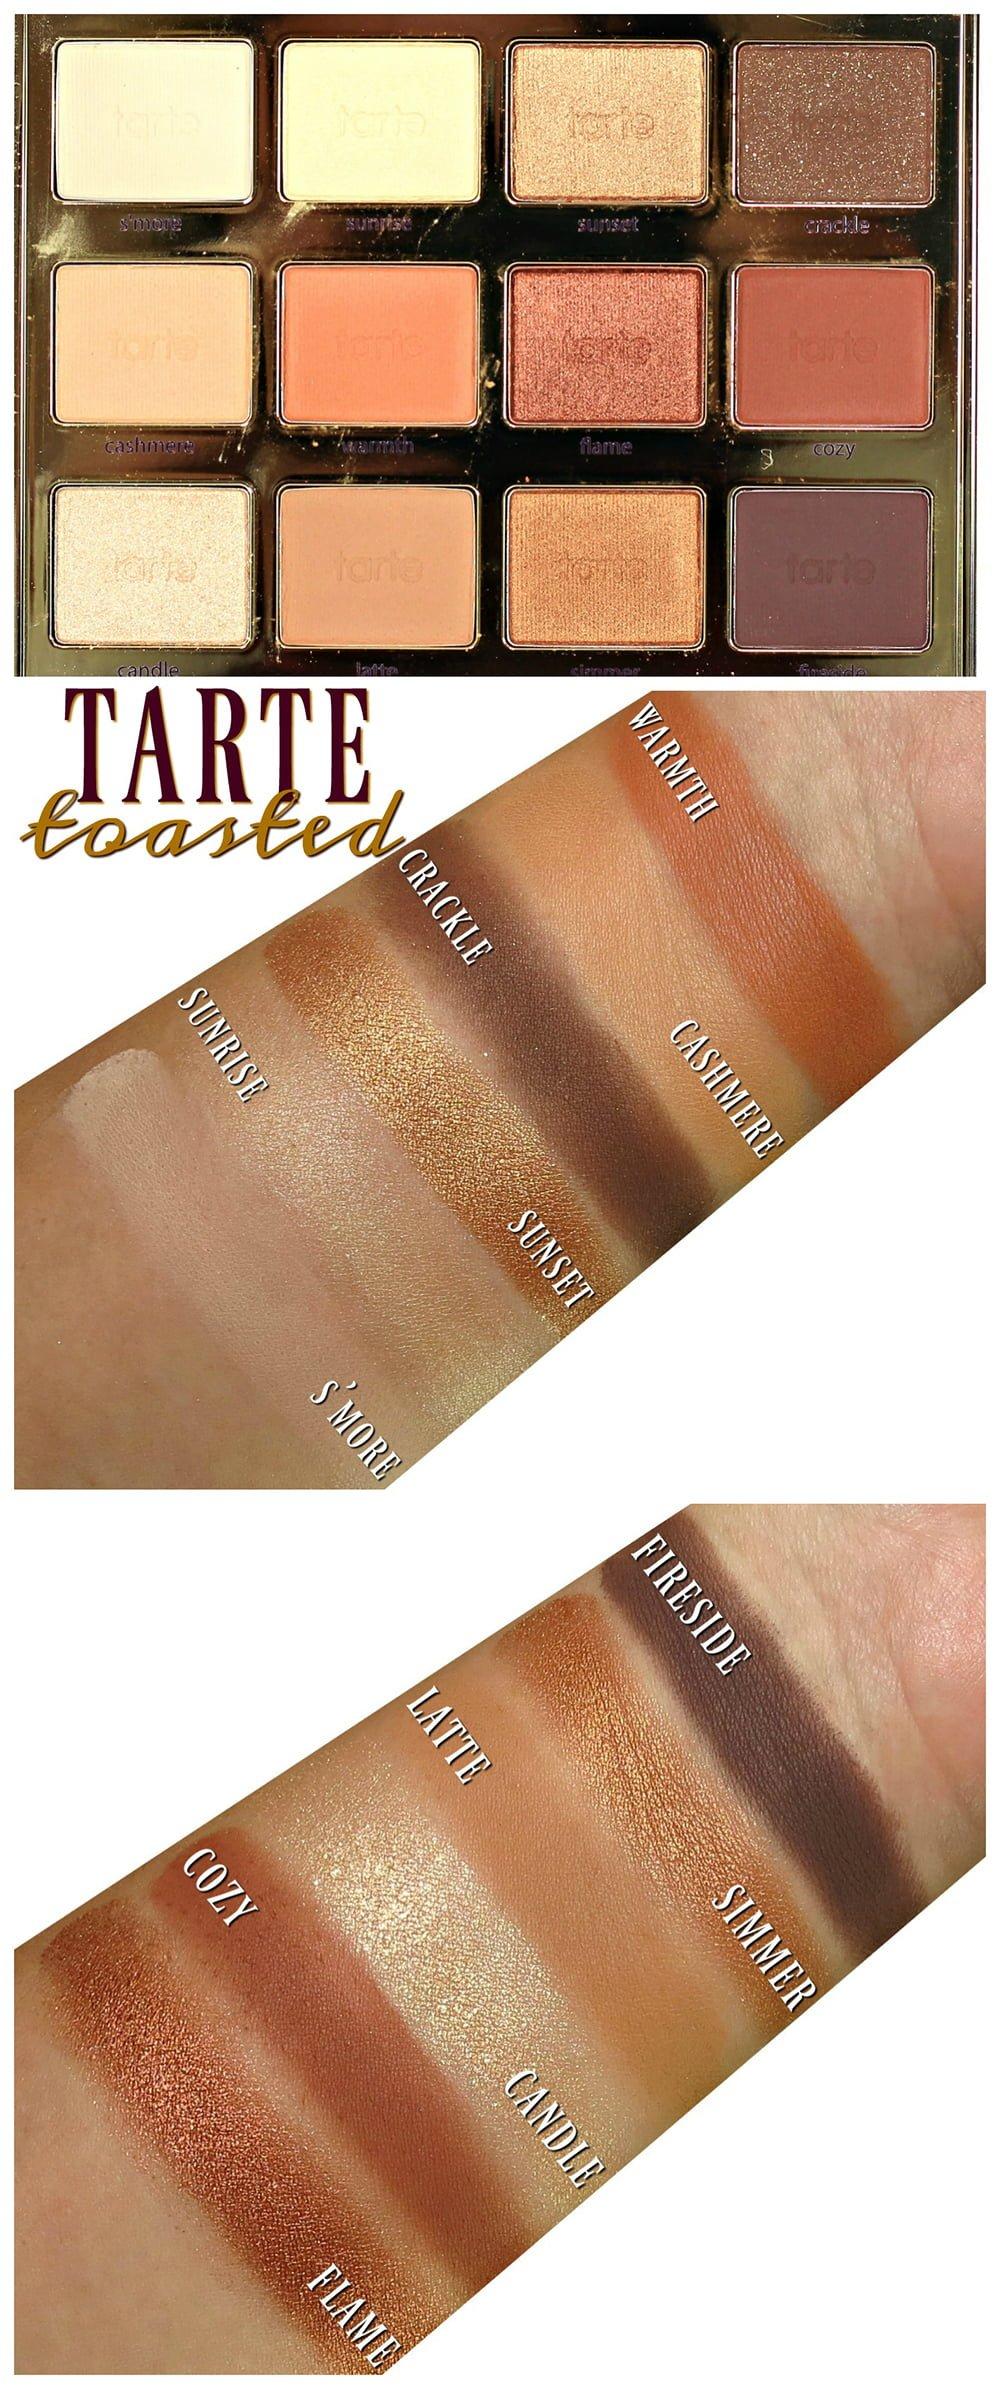 tarte toasted palette tutorial